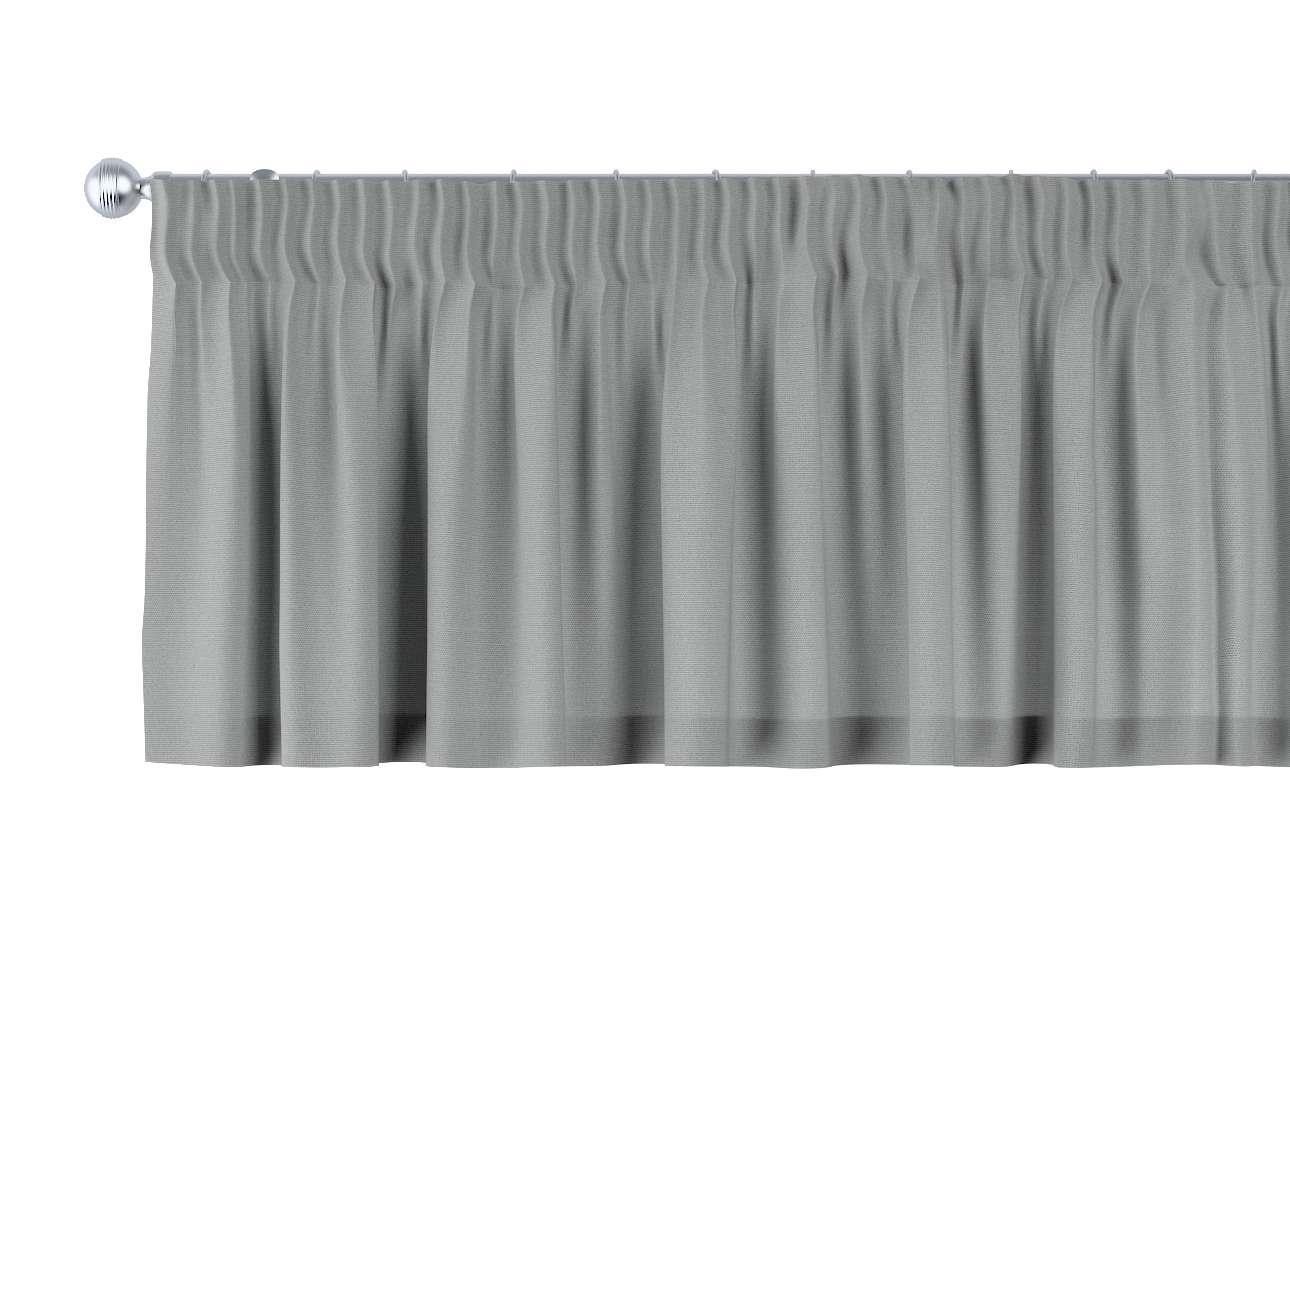 Kurzgardine mit Kräuselband 130 x 40 cm von der Kollektion Loneta, Stoff: 133-24